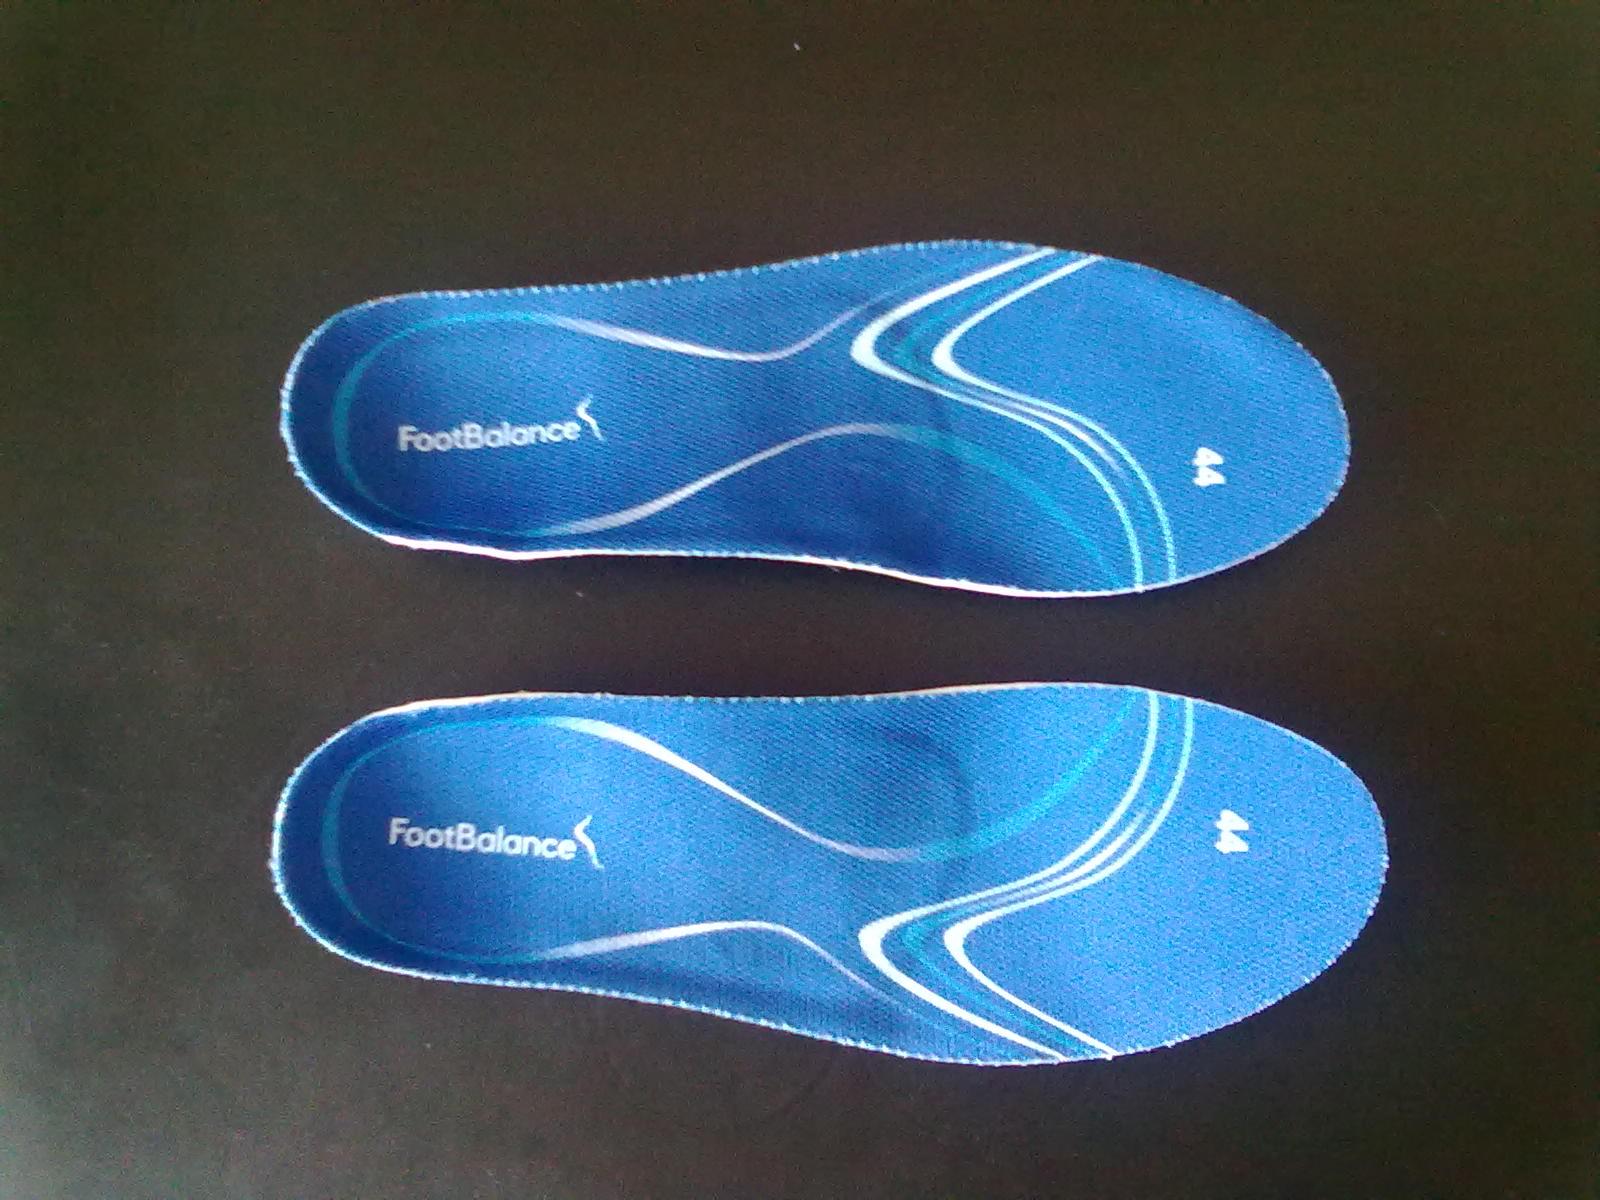 fdf98bc384 ... loja da Sport Zone do CC. Colombo para fazer as suas palmilhas  personalizadas. O João ficou de nos escrever sobre as suas novas palmilhas  Footbalance.